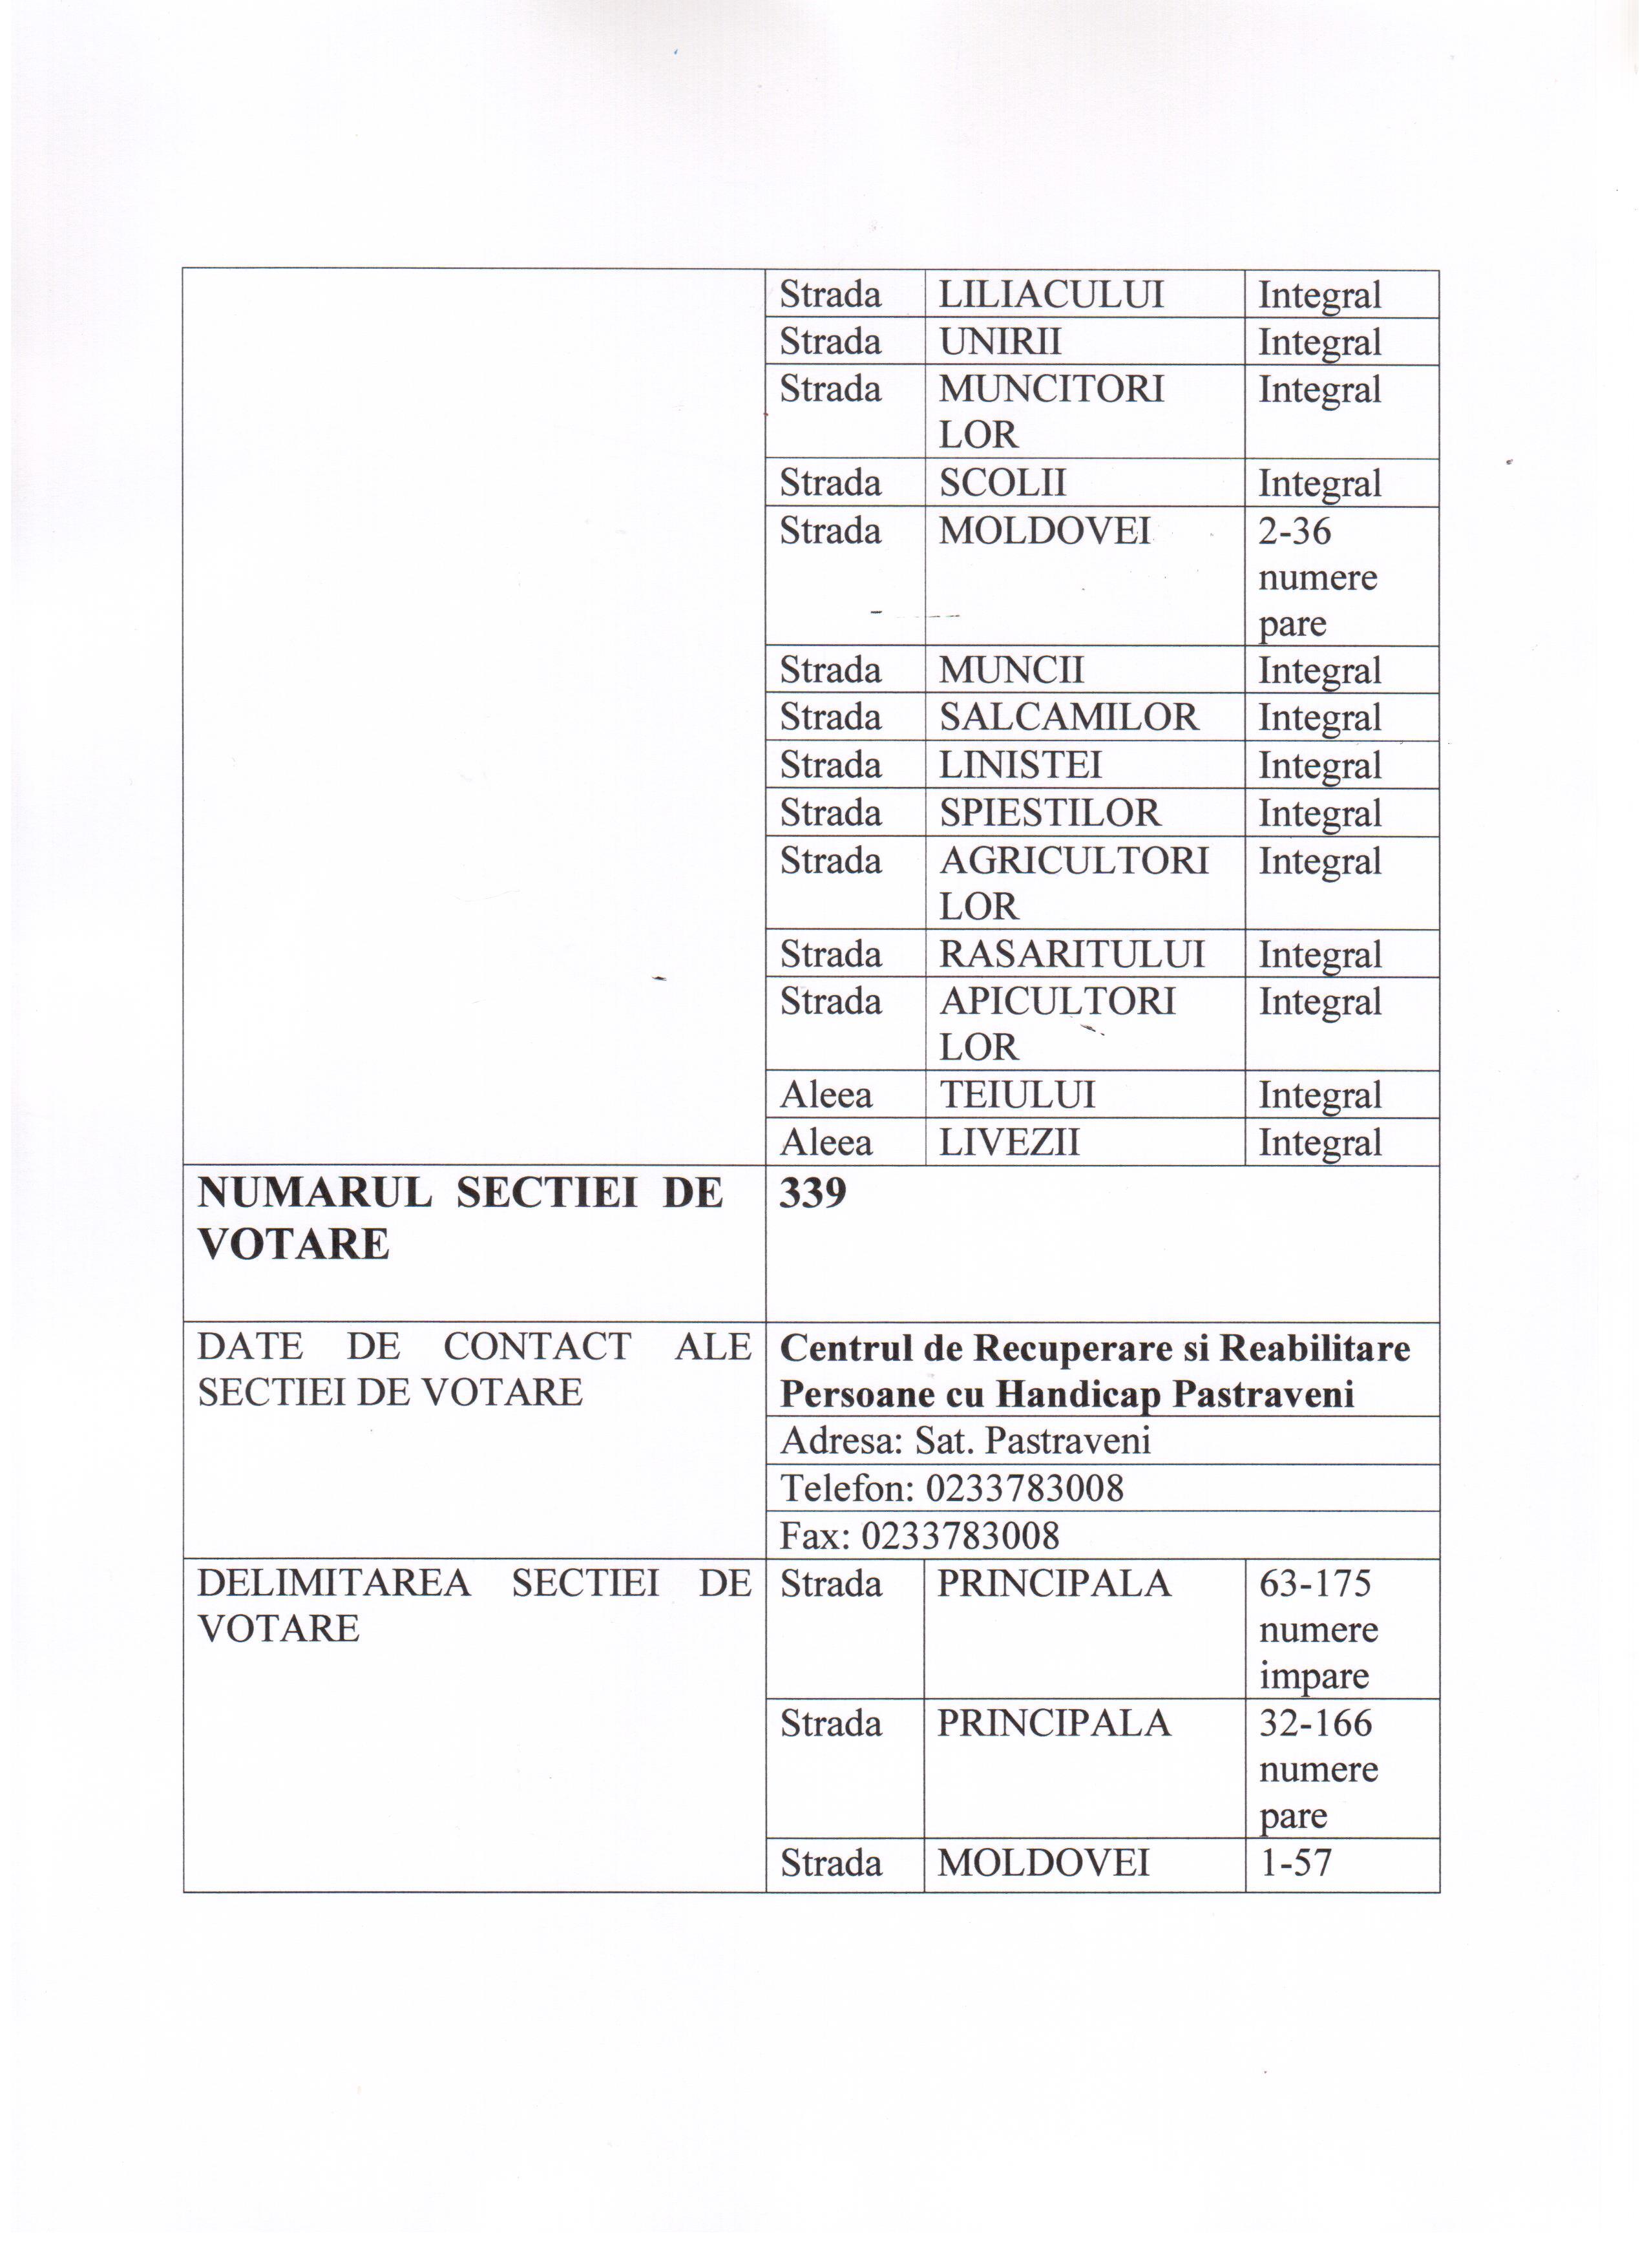 numerotare sectii votare 2